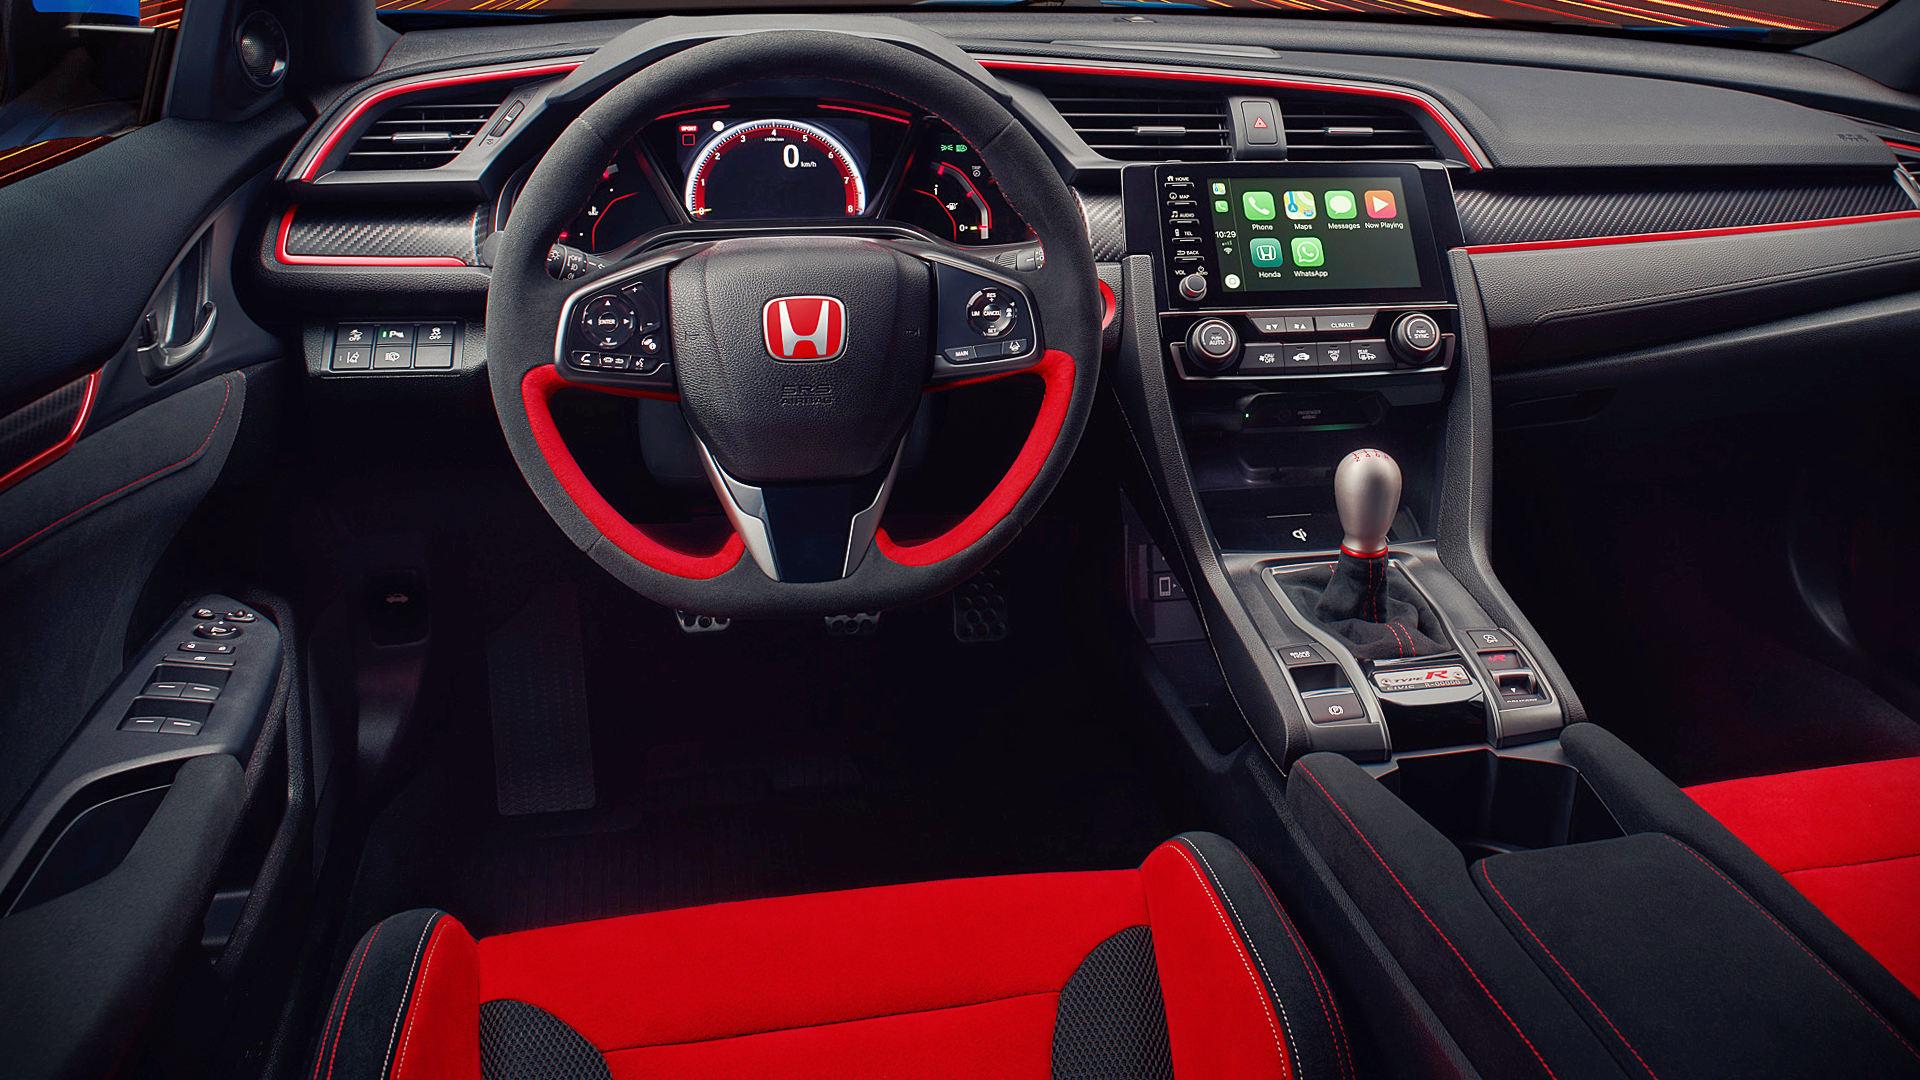 Honda Civic Type R 2020 Interior